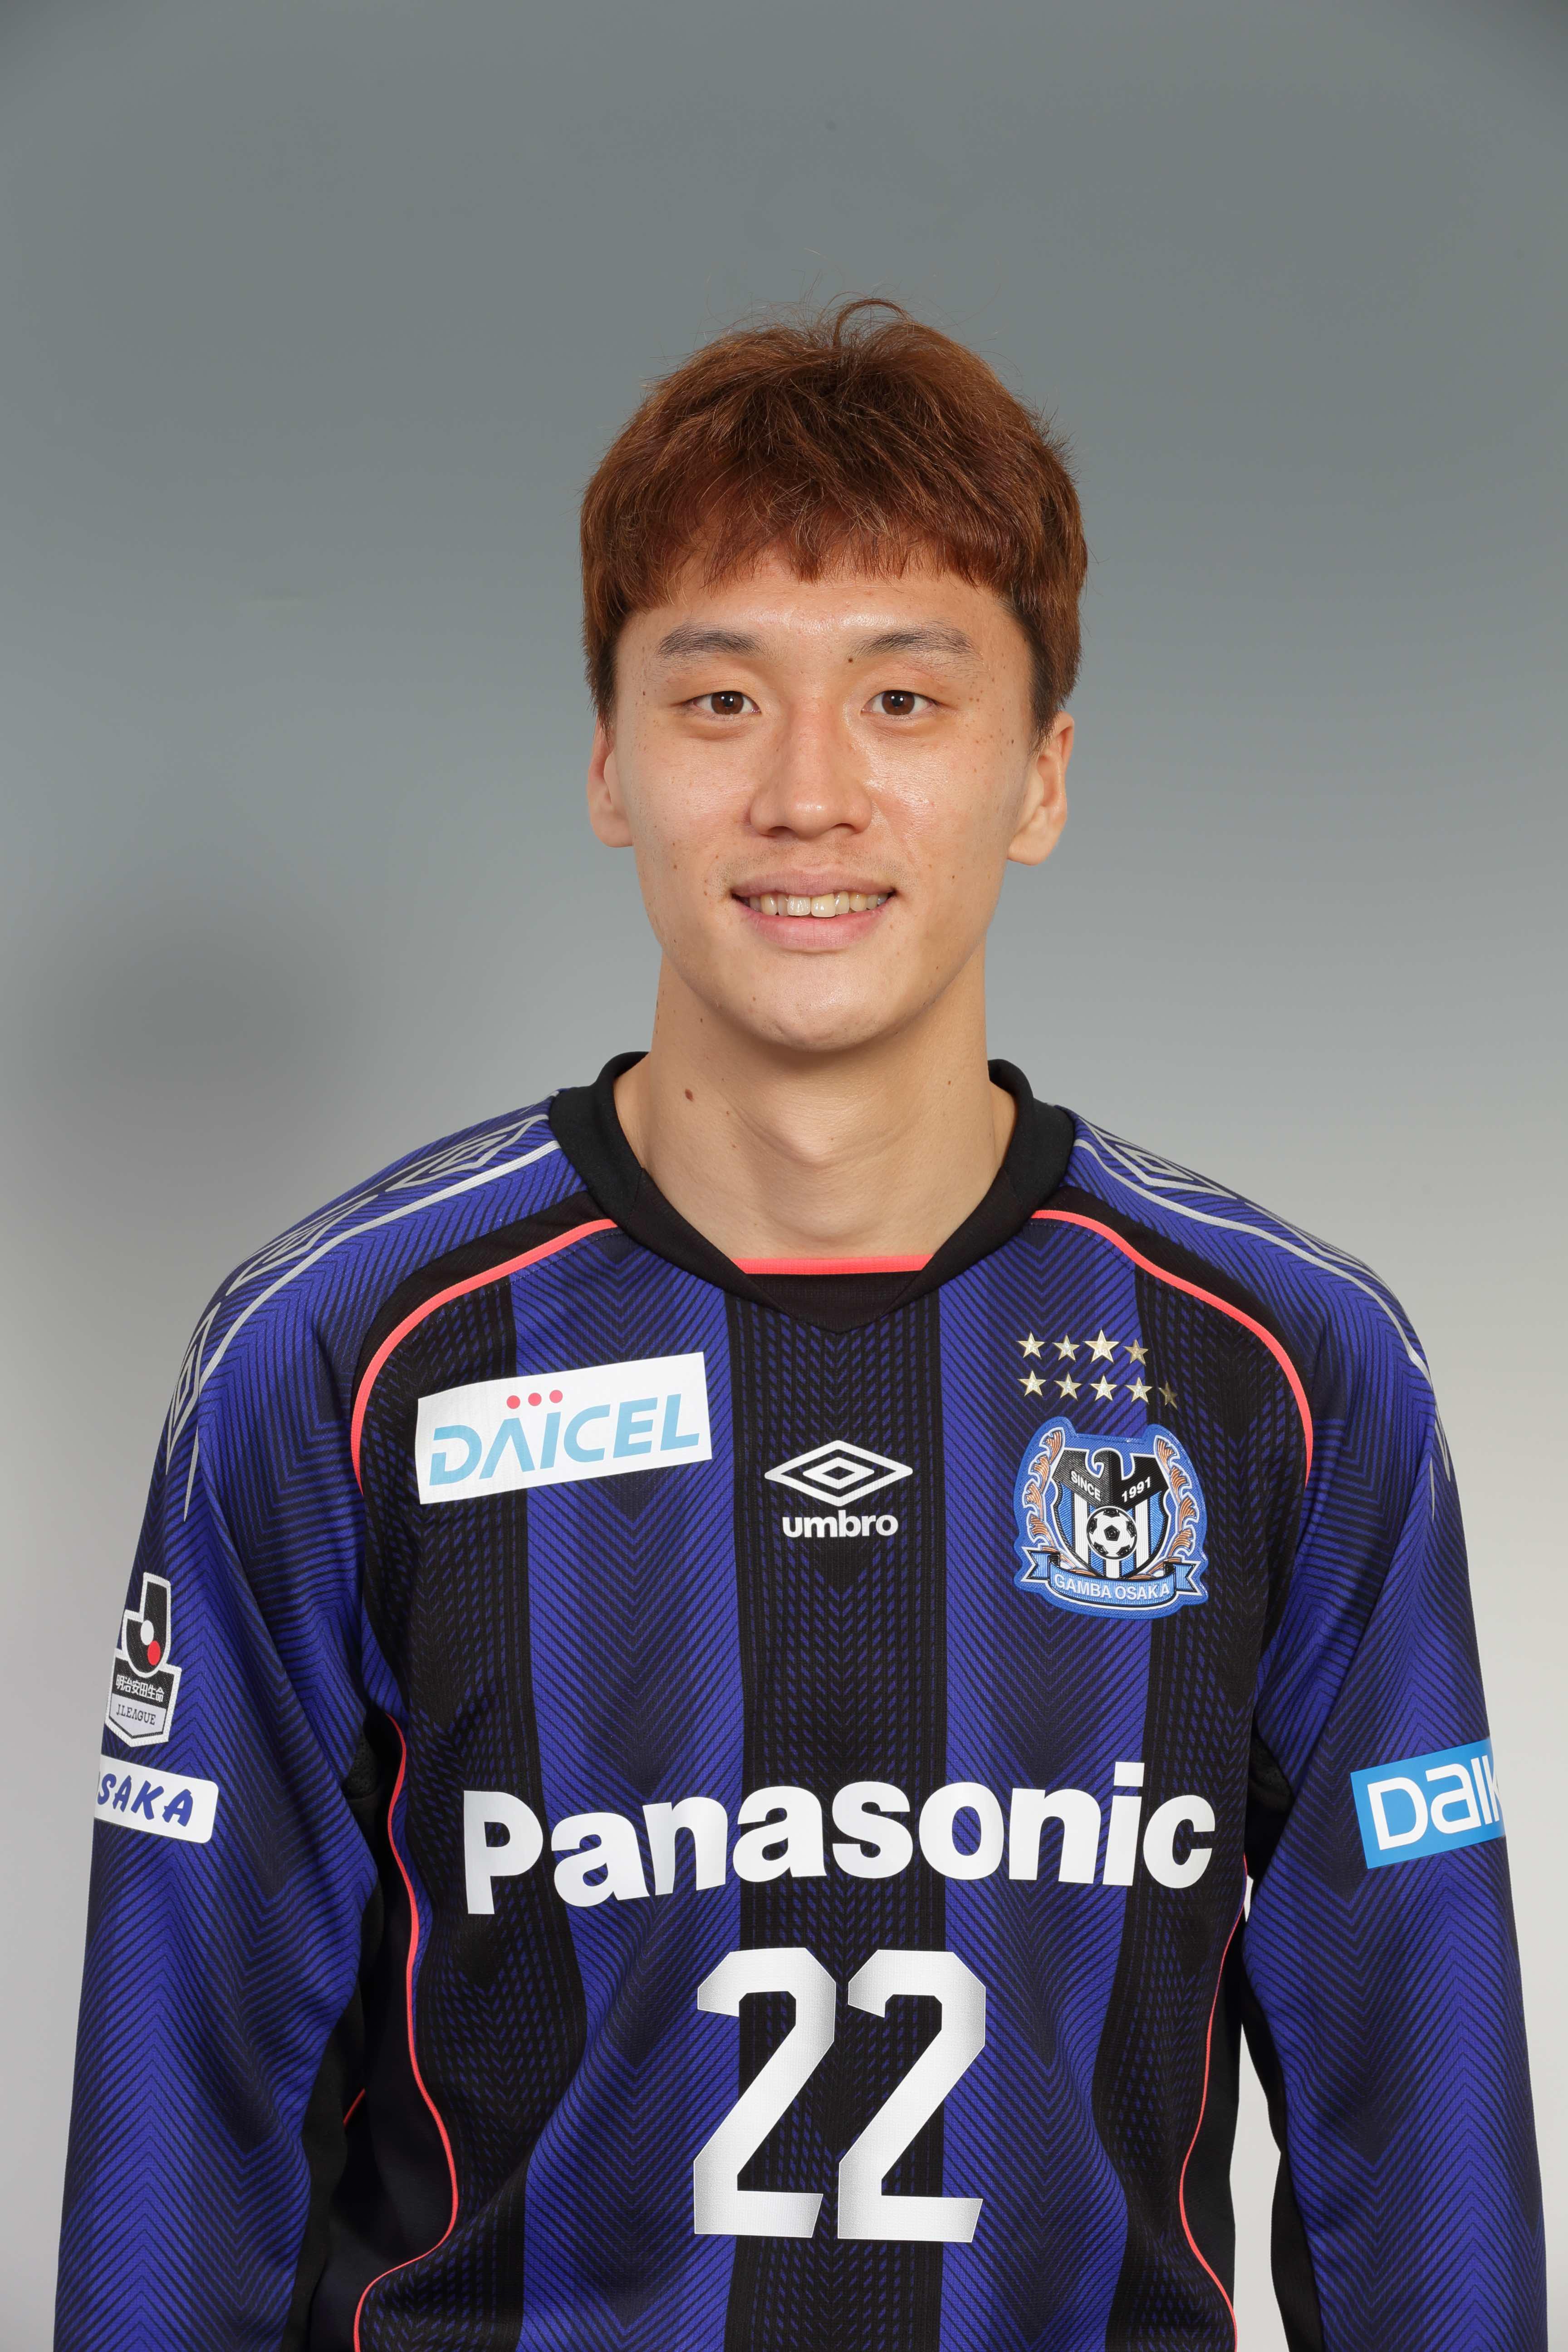 【本人直筆サイン入り公式】ガンバ大阪ユニフォーム2018HOME オ・ジェソク選手